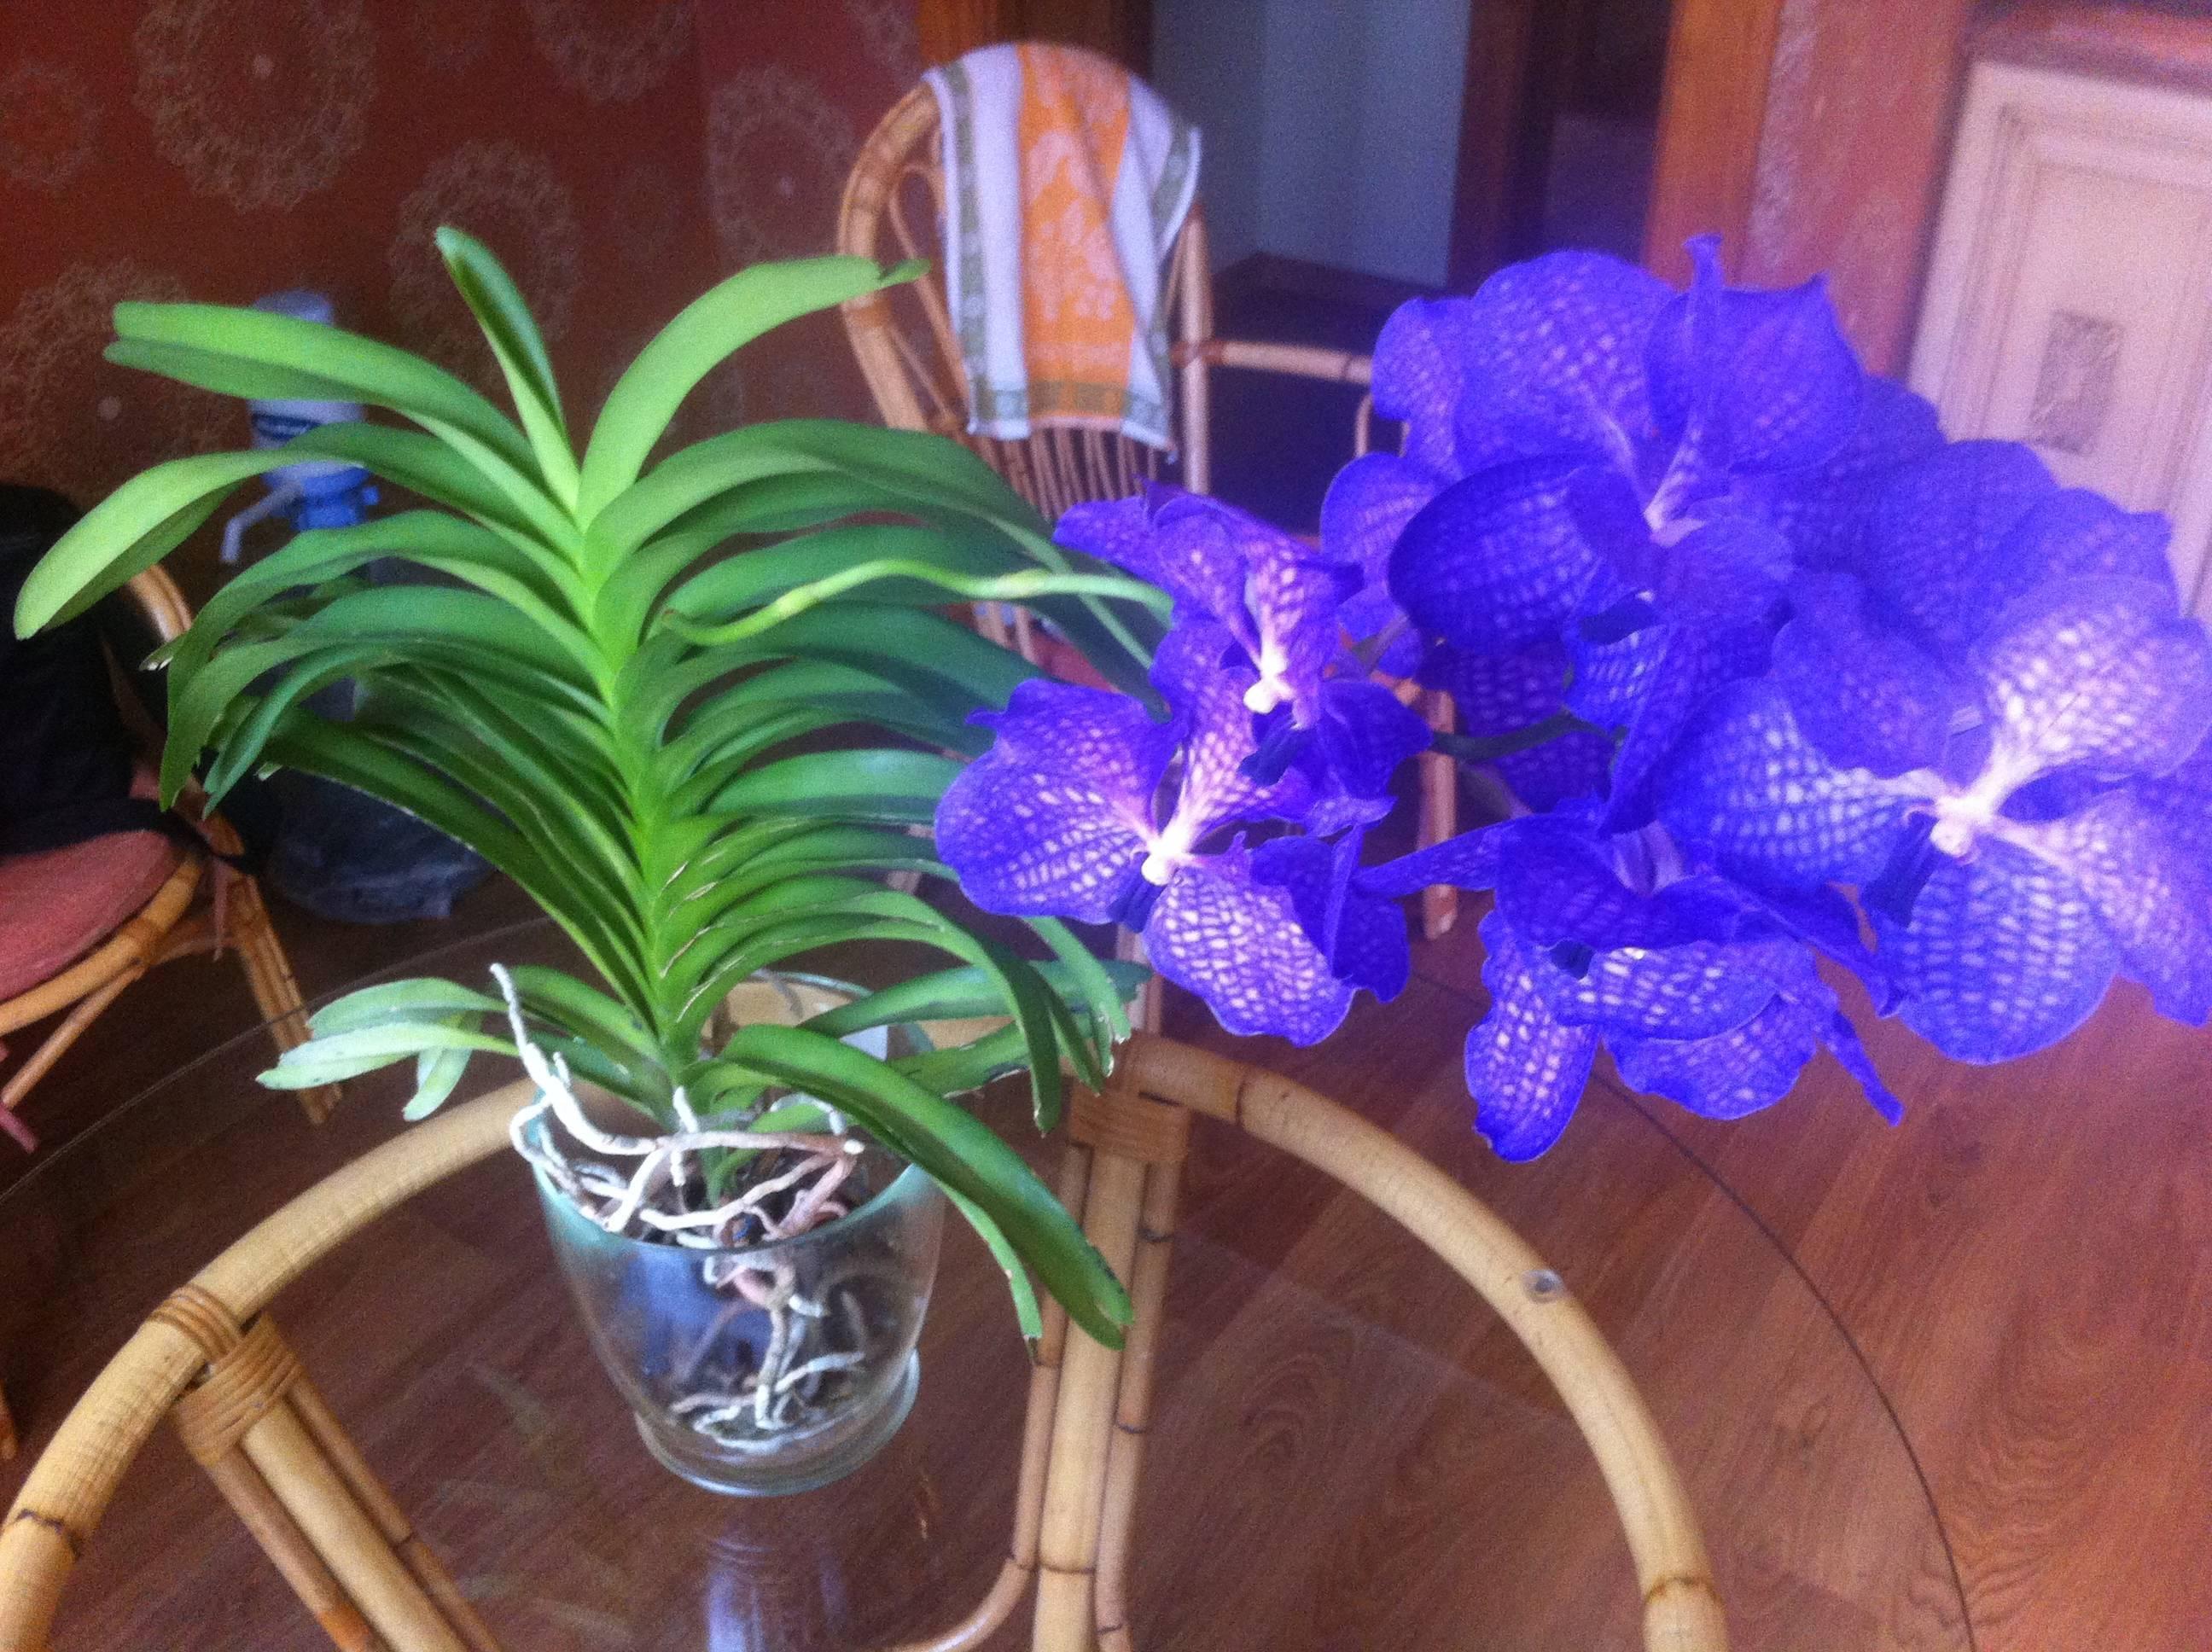 Выращивание и посадка синей орхидеи в домашних условиях: правила ухода, горшок, цветение